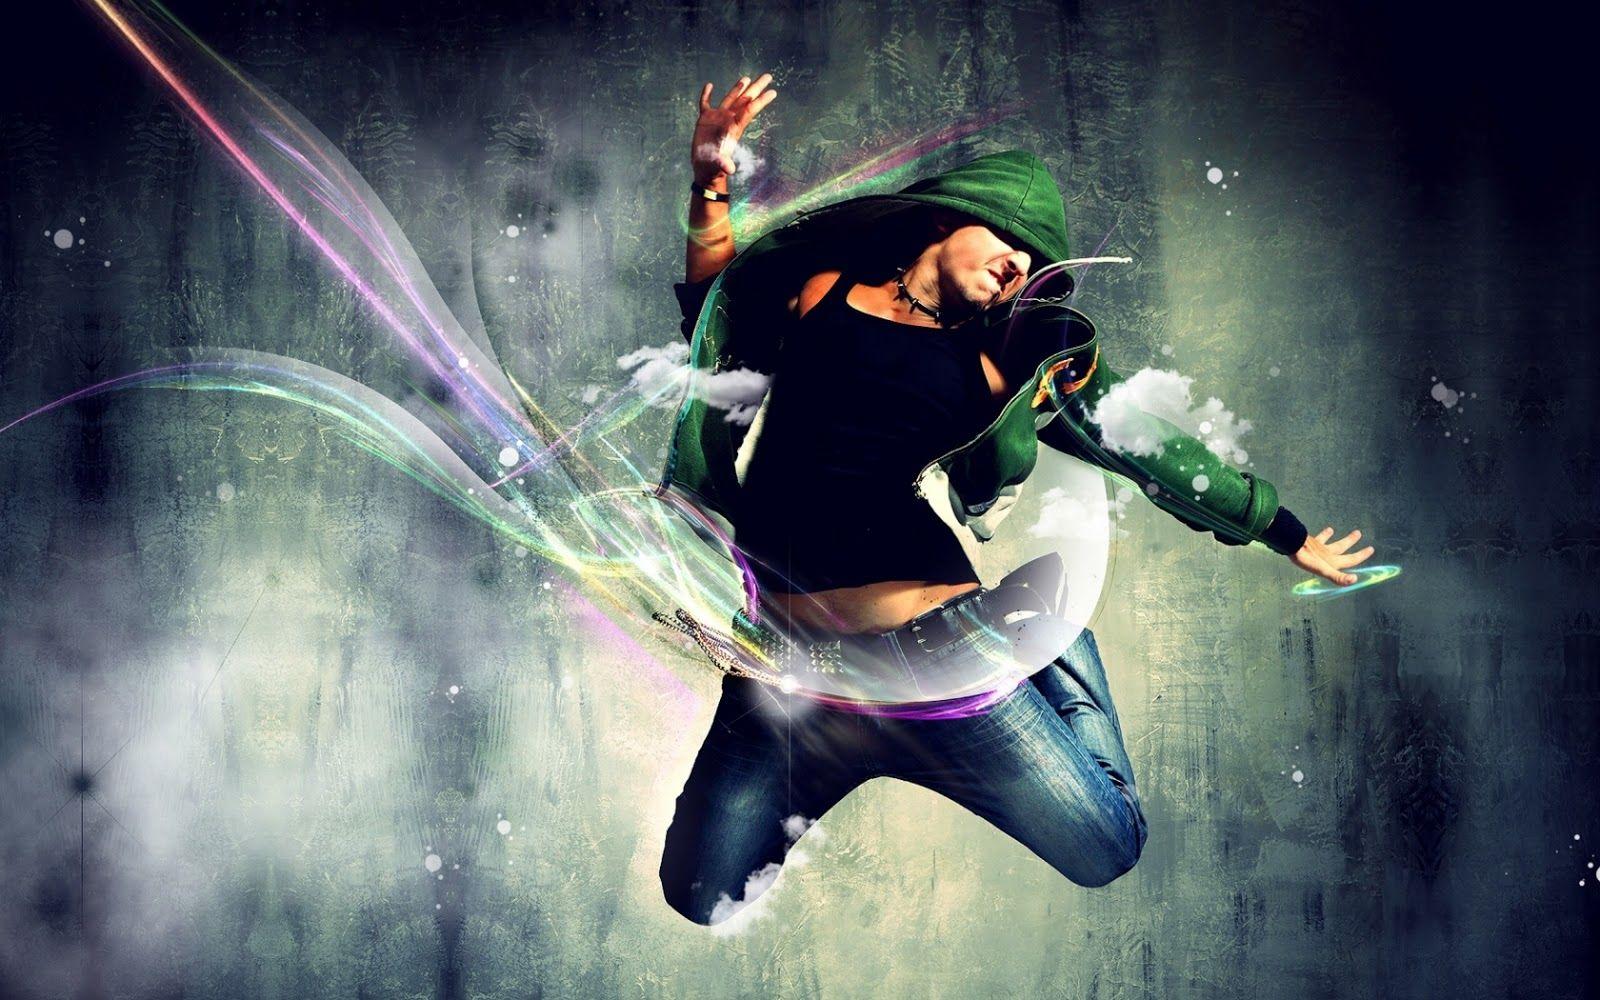 bailar hip hop - Buscar con Google